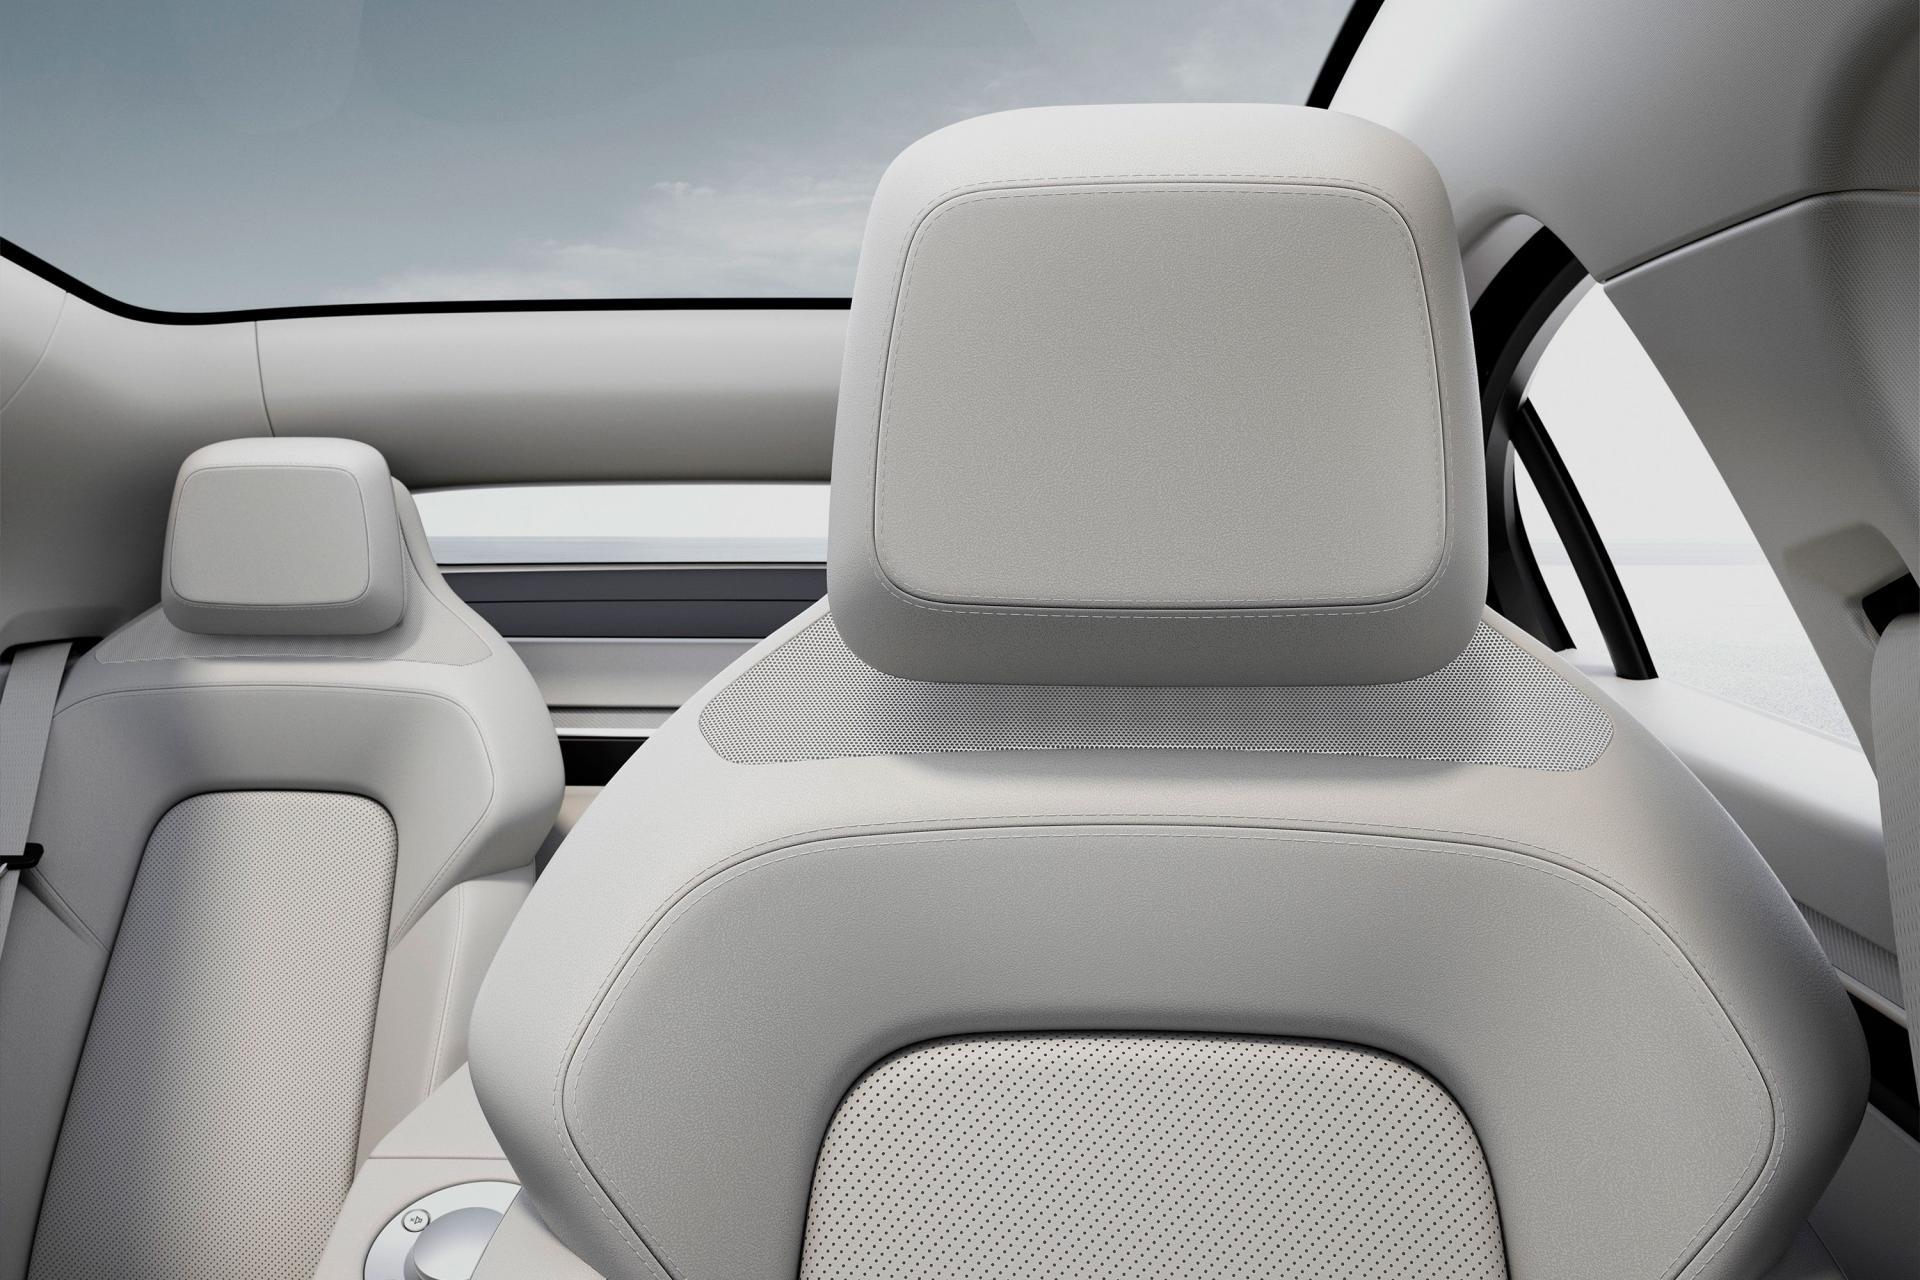 Sony bất ngờ ra mắt mẫu xe điện Vision-S tại CES 2020 - 14